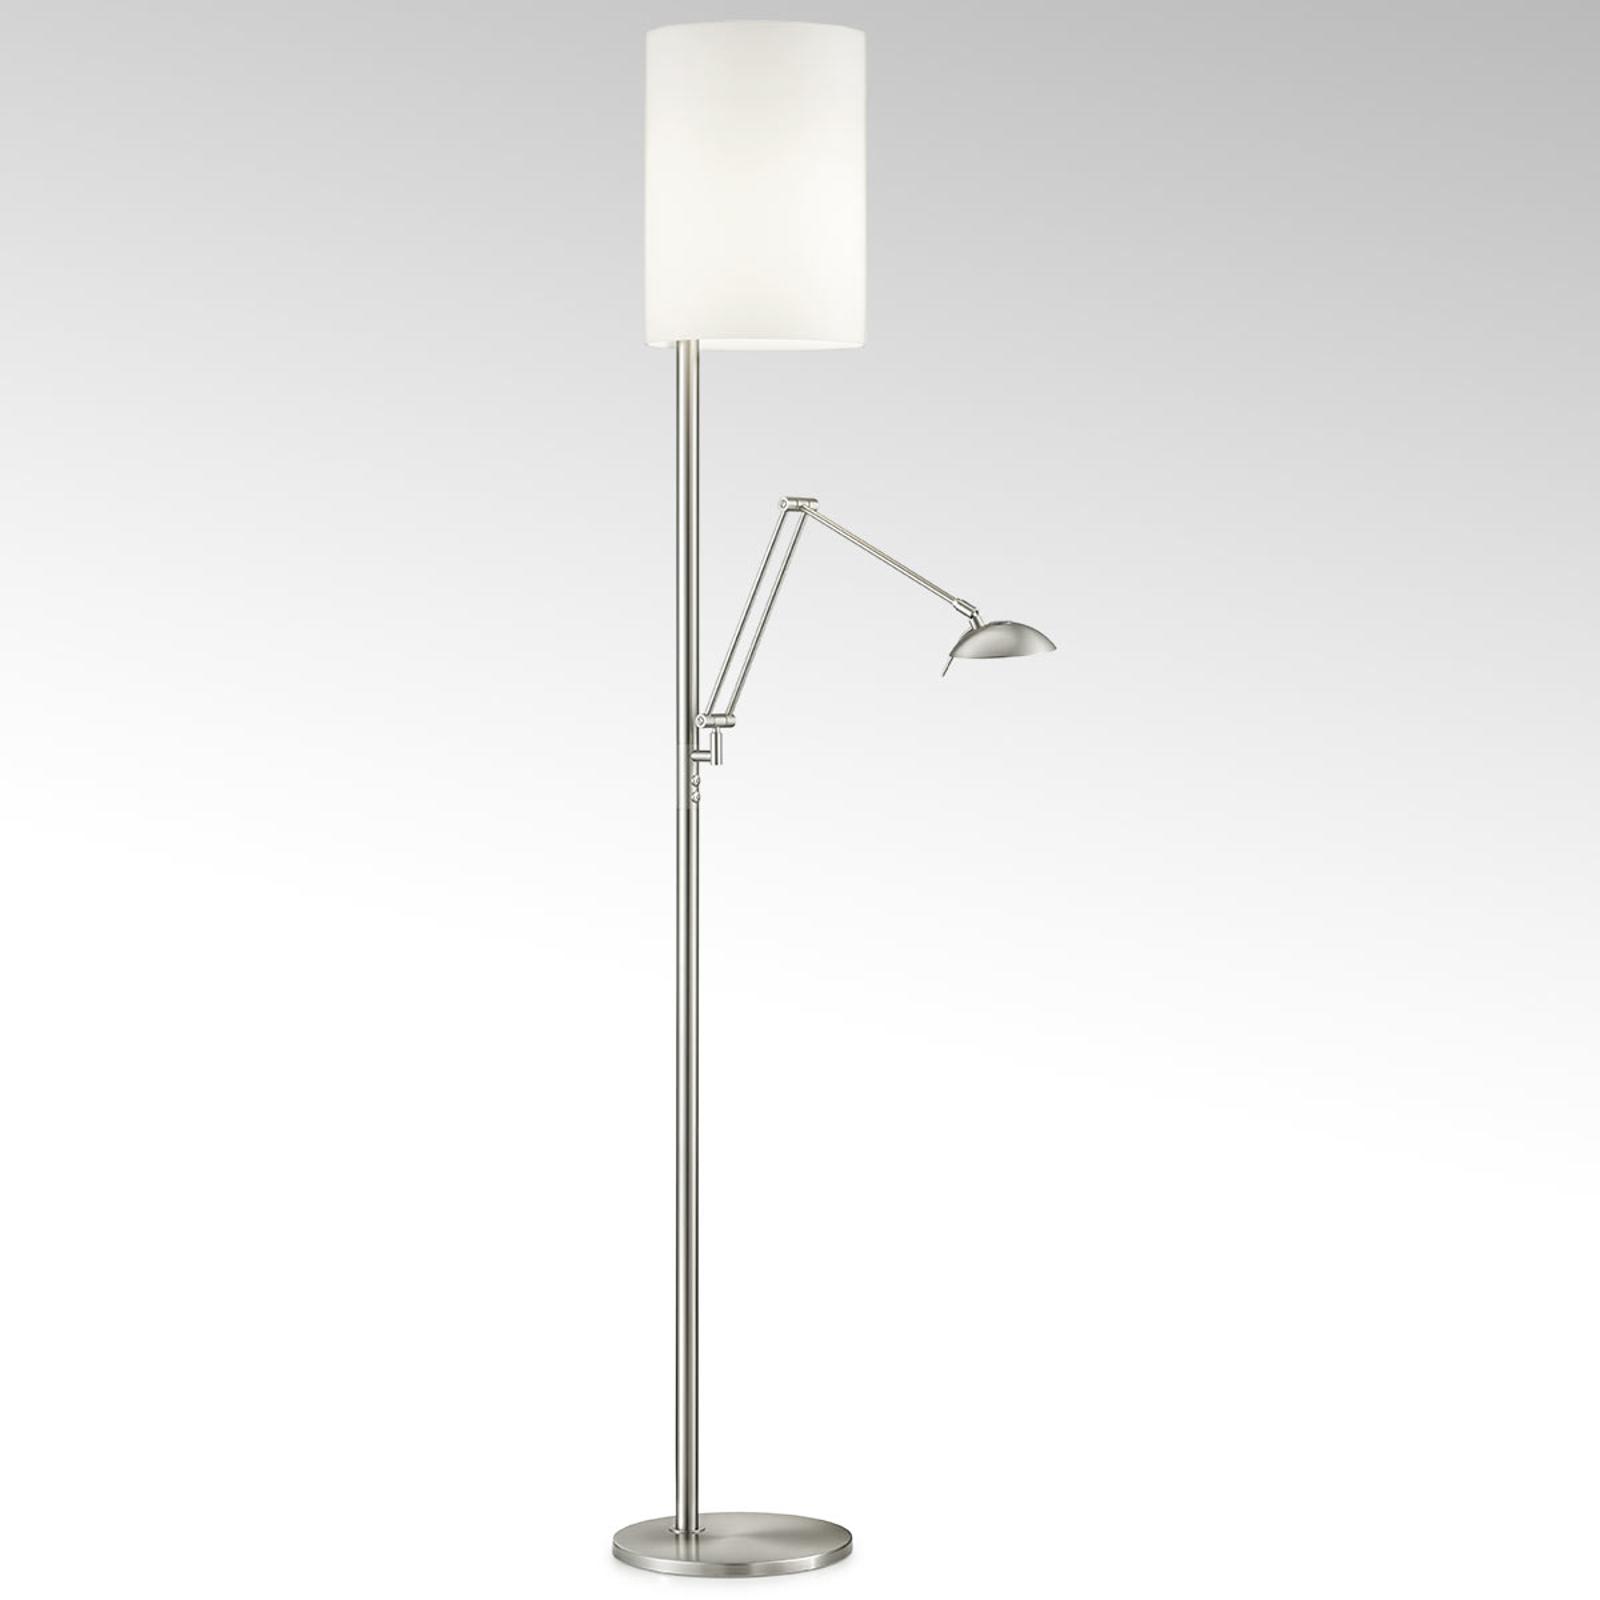 Lampa stojąca LED Nola, matowy nikiel